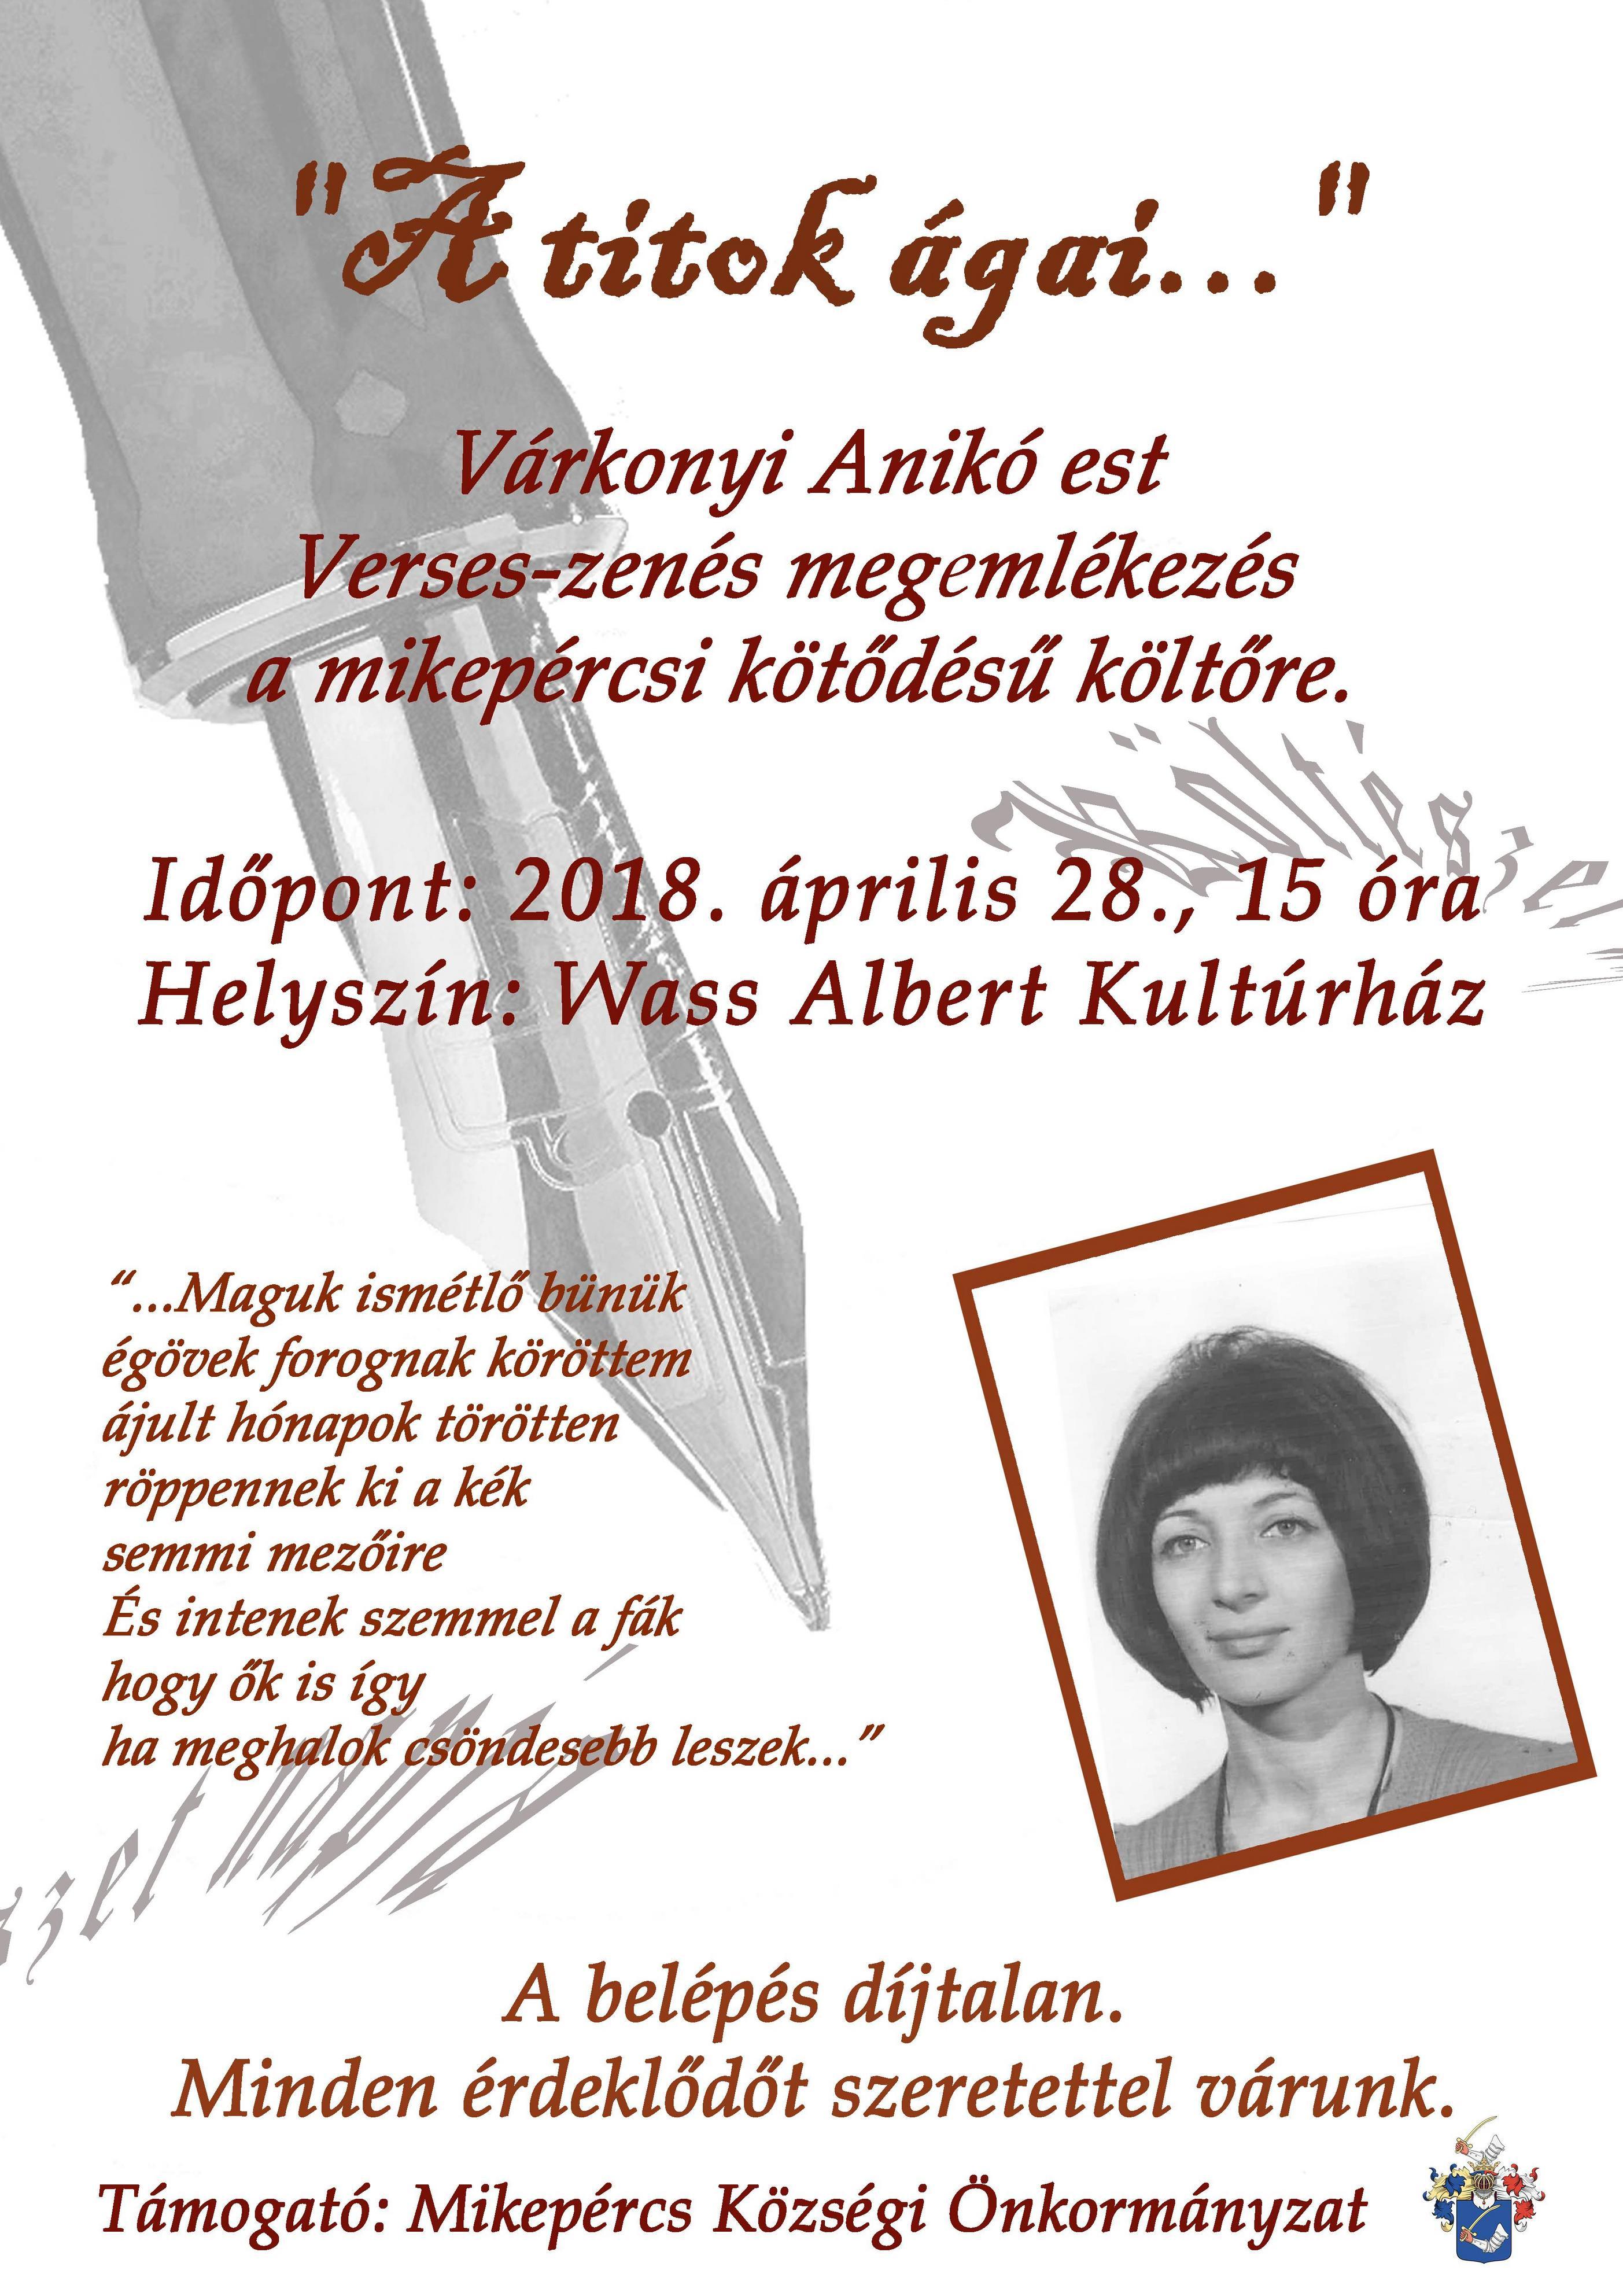 Várkonyi Anikó est. Verses-zenés megemlékezés a mikepércsi kötődésű költőnőre.